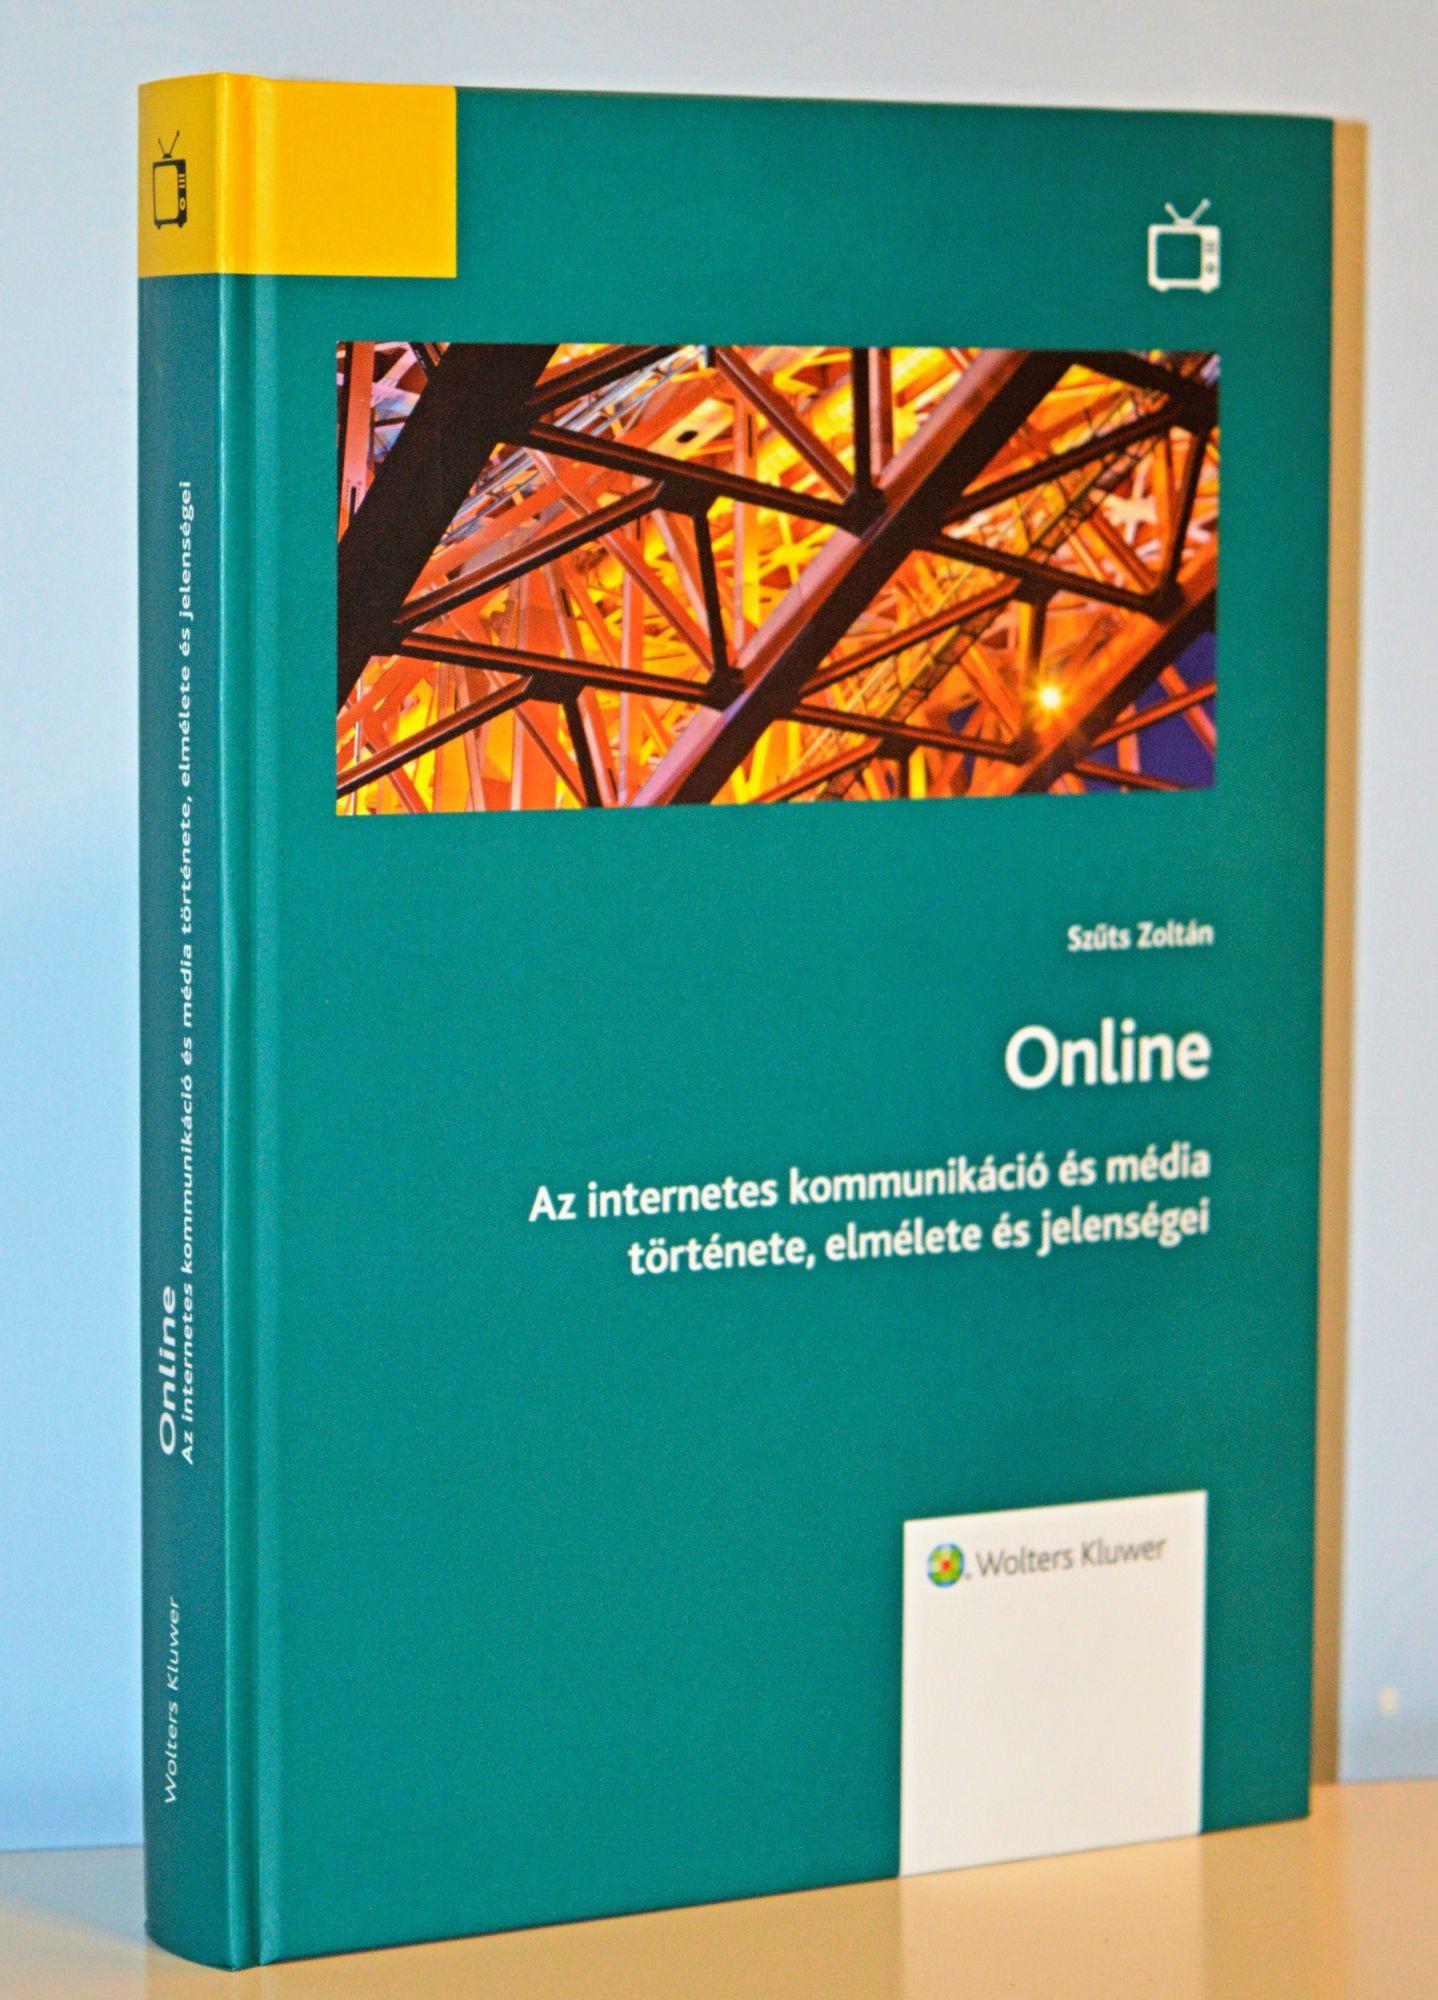 Szűts Zoltán: Online